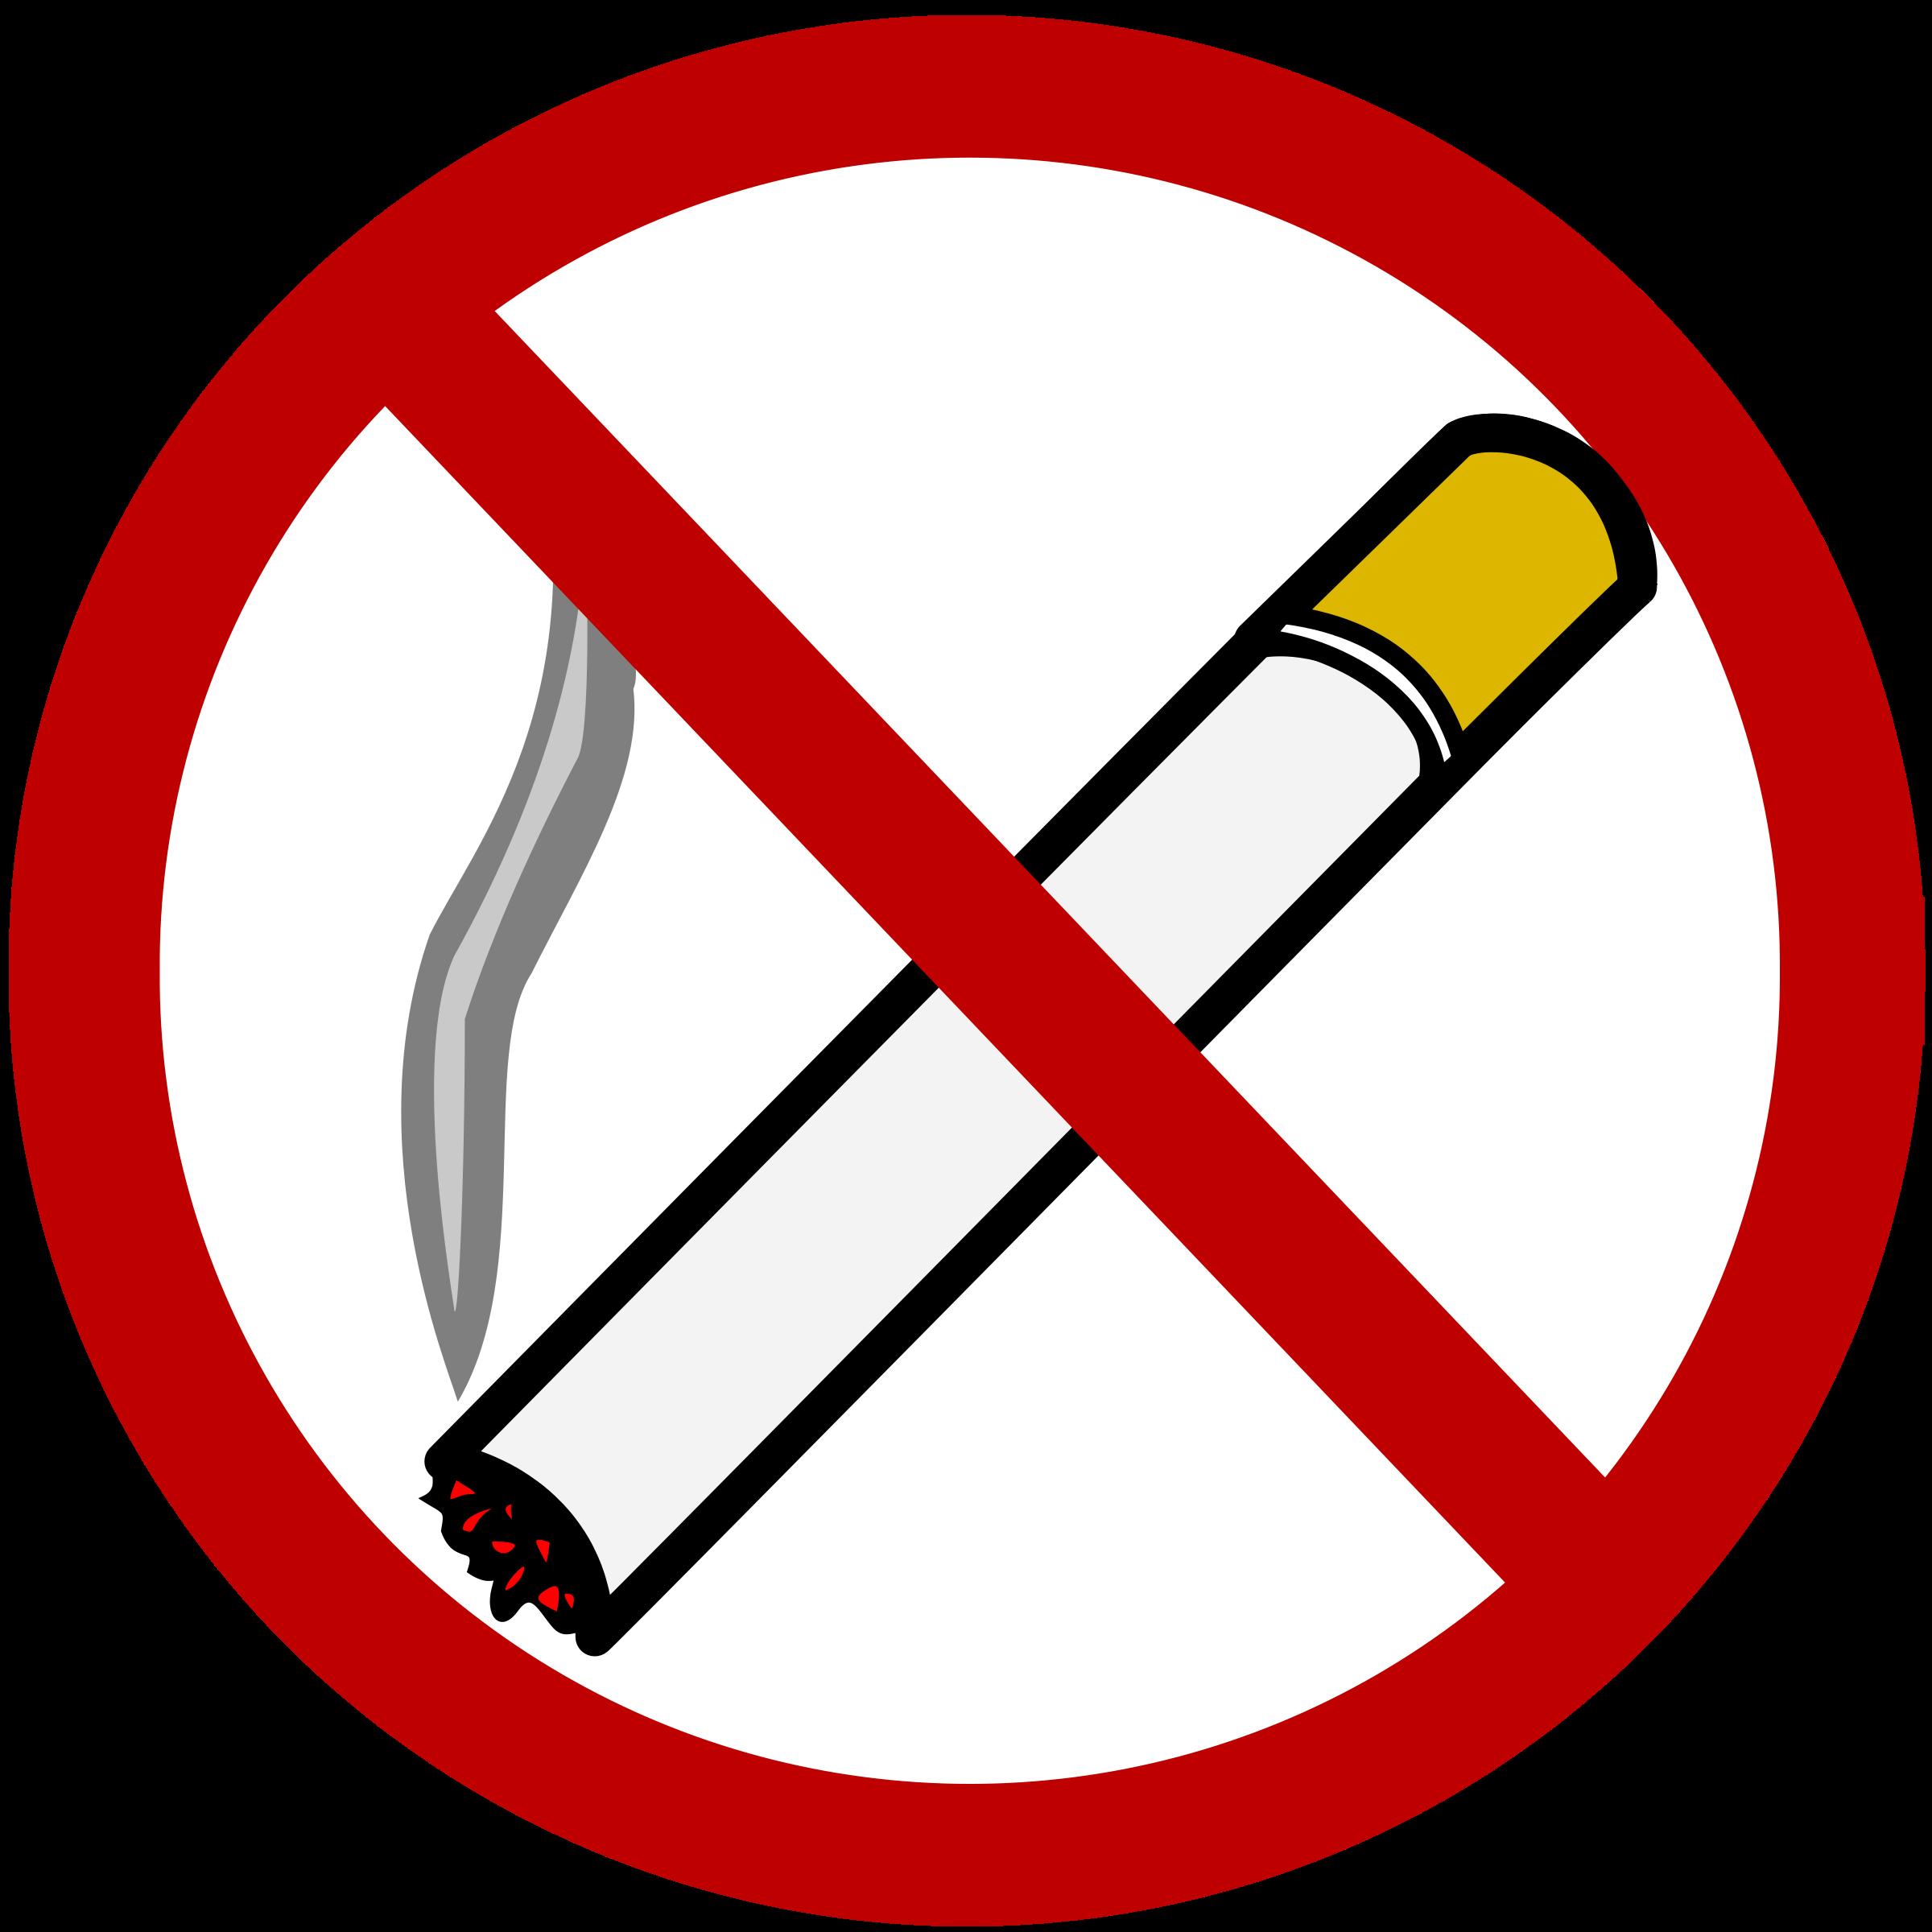 Free Cigarette Cliparts, Download Free Clip Art, Free Clip.